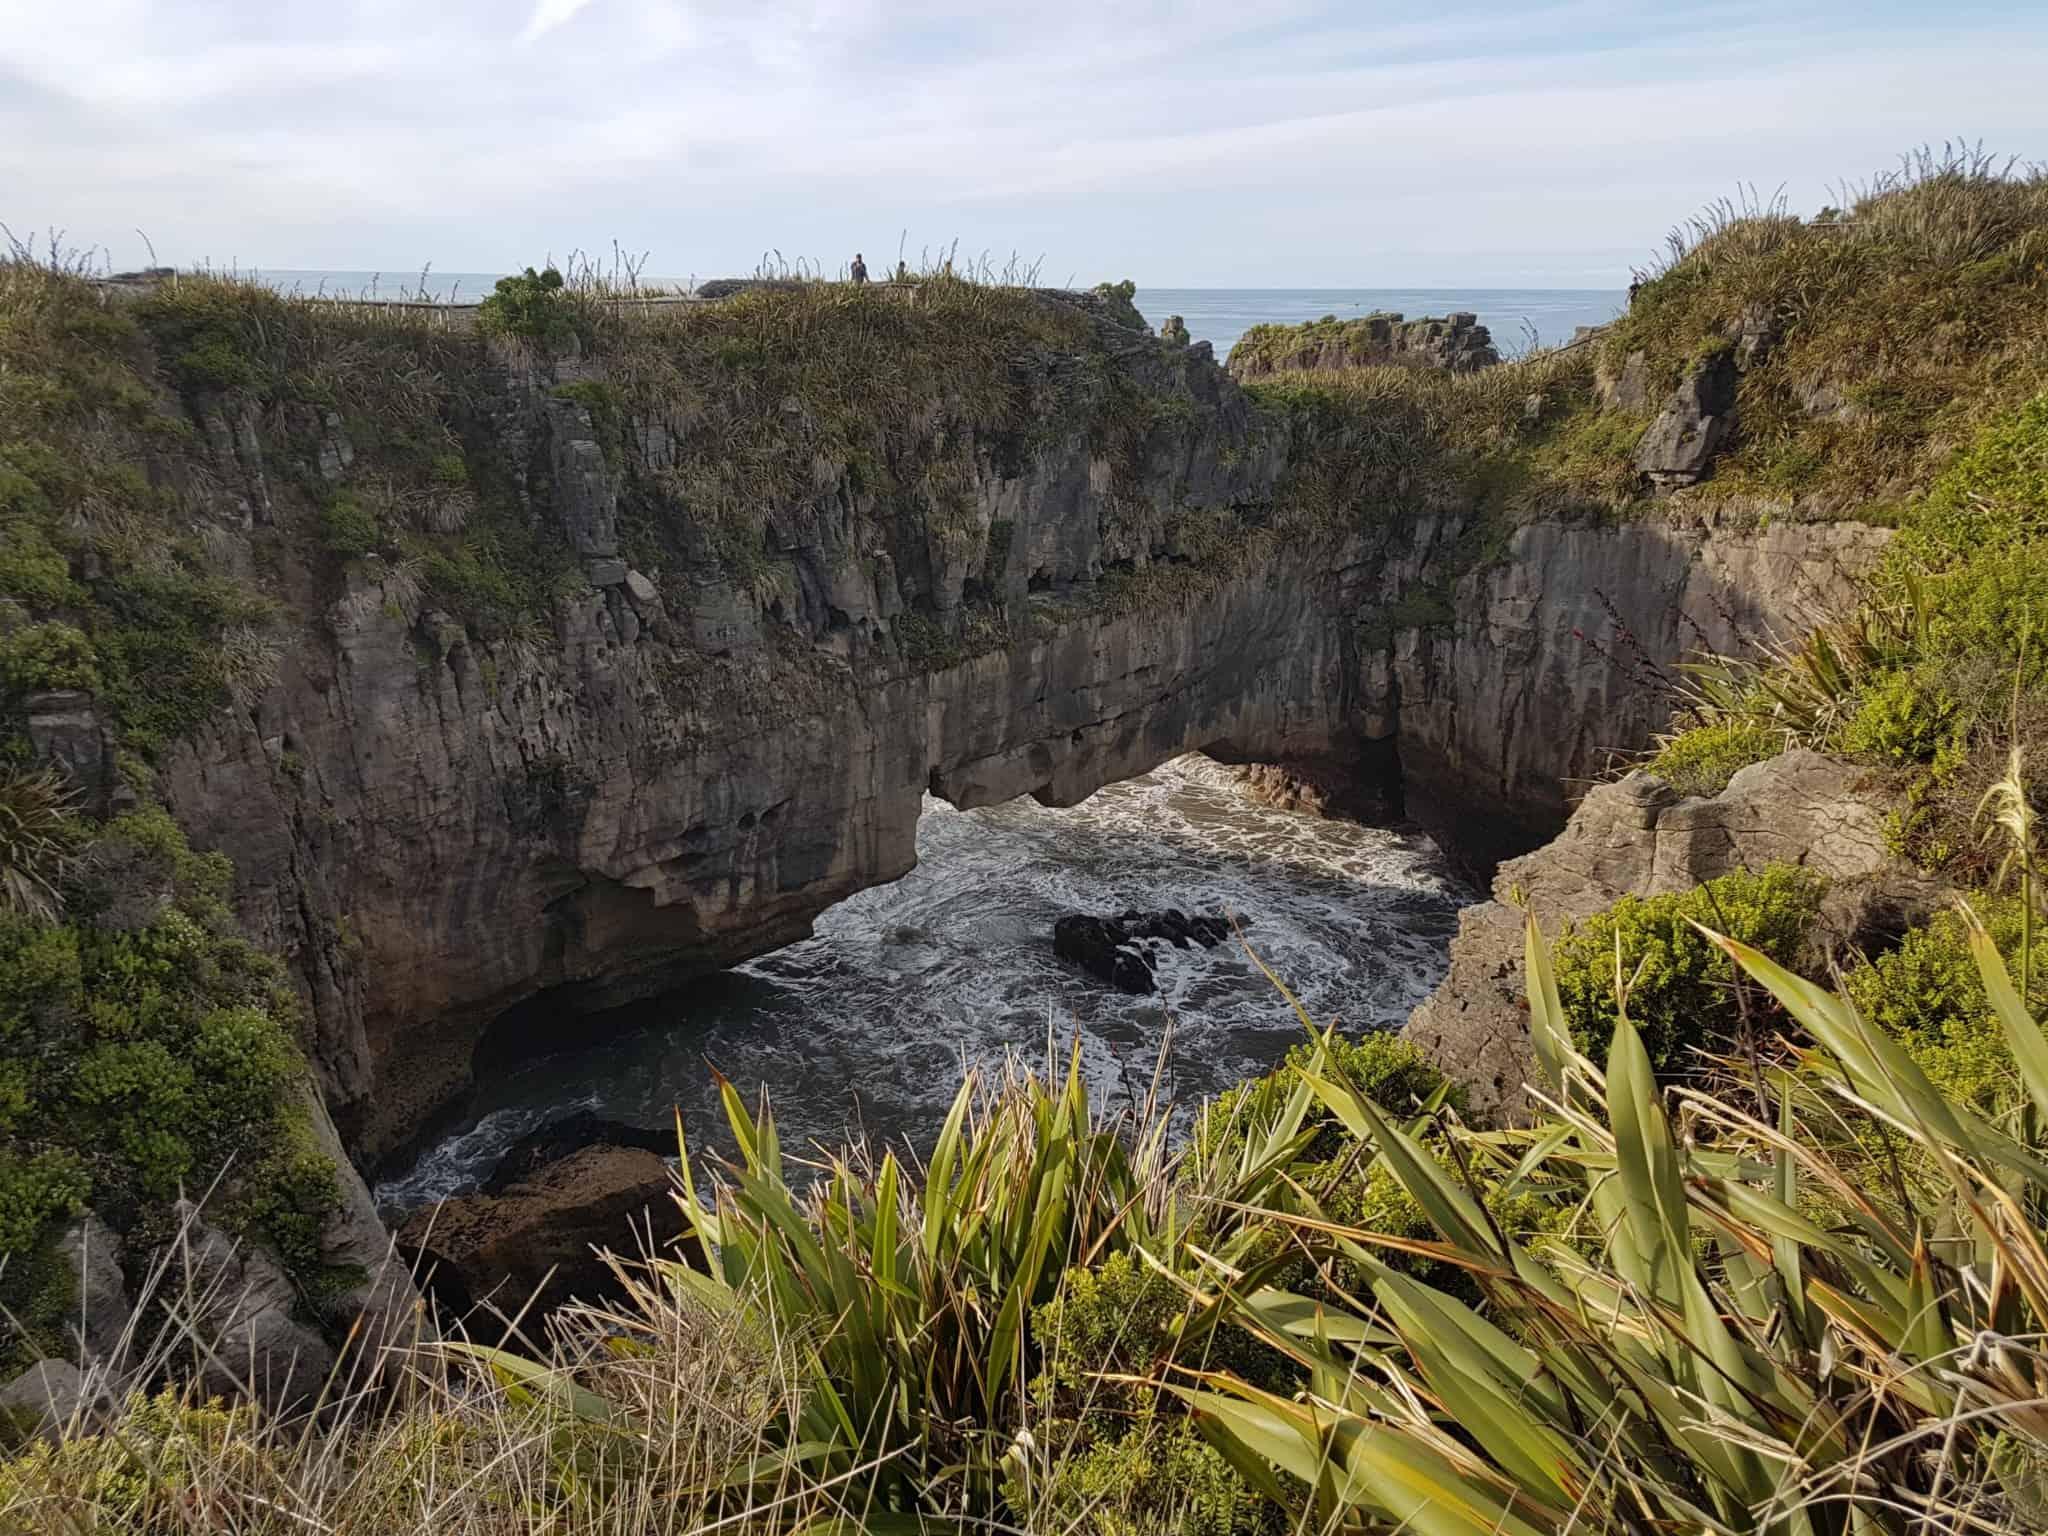 Nouvelle-Zélande, les incontournables  Pancake Rocks ! 🤩 20